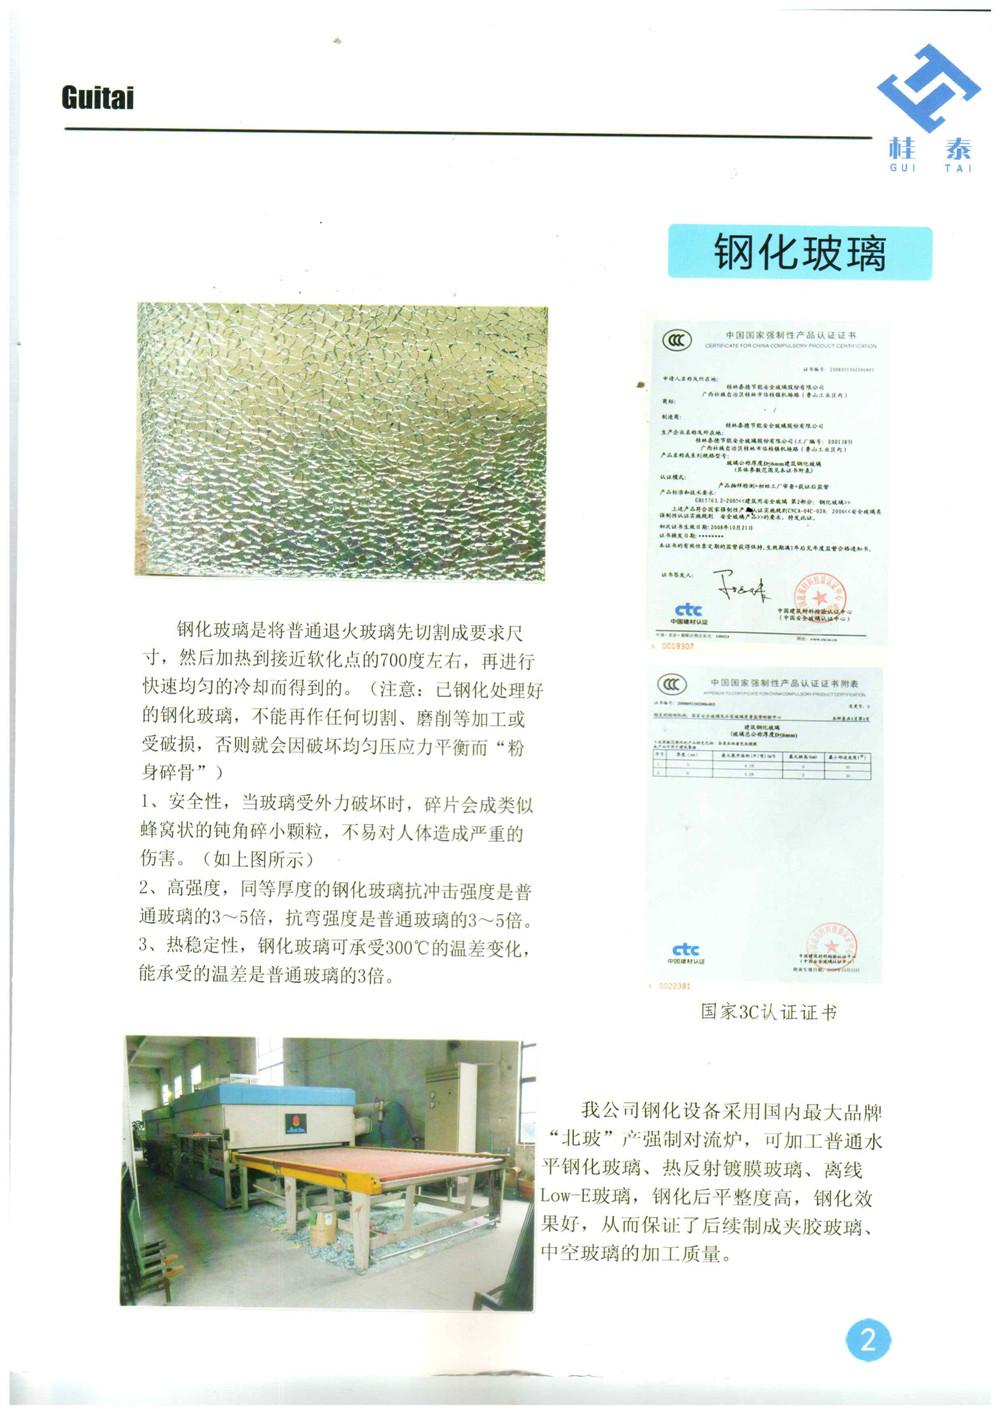 玻璃工程线上体彩注册